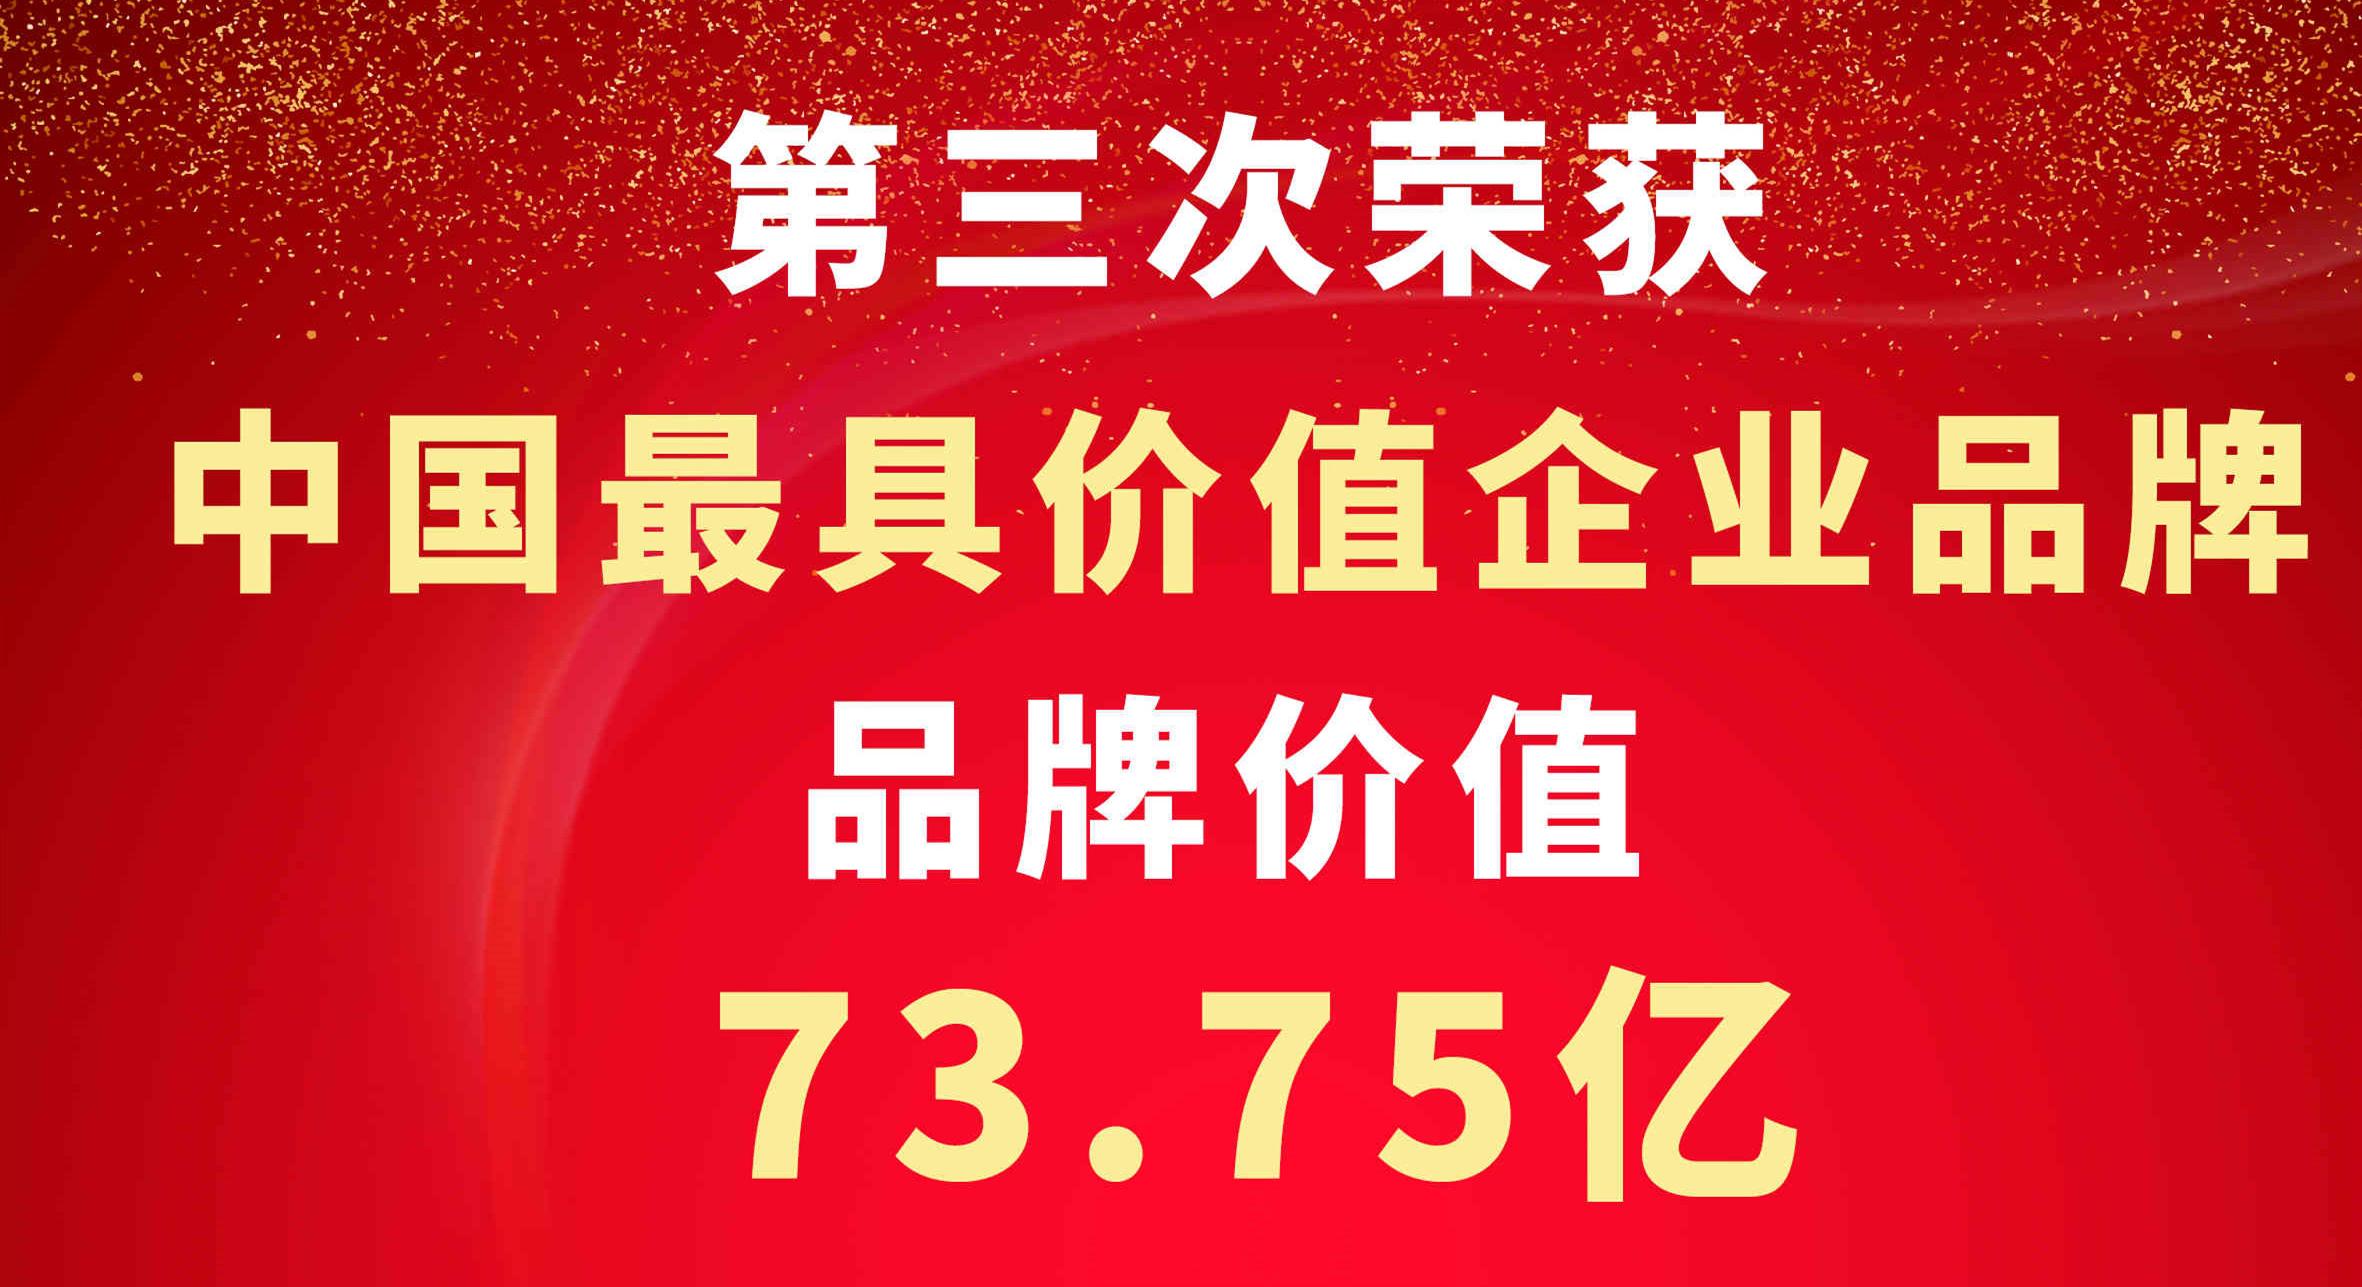 品牌价值73.75亿元,伟星新材位居建筑建材组塑料管道企业第一!